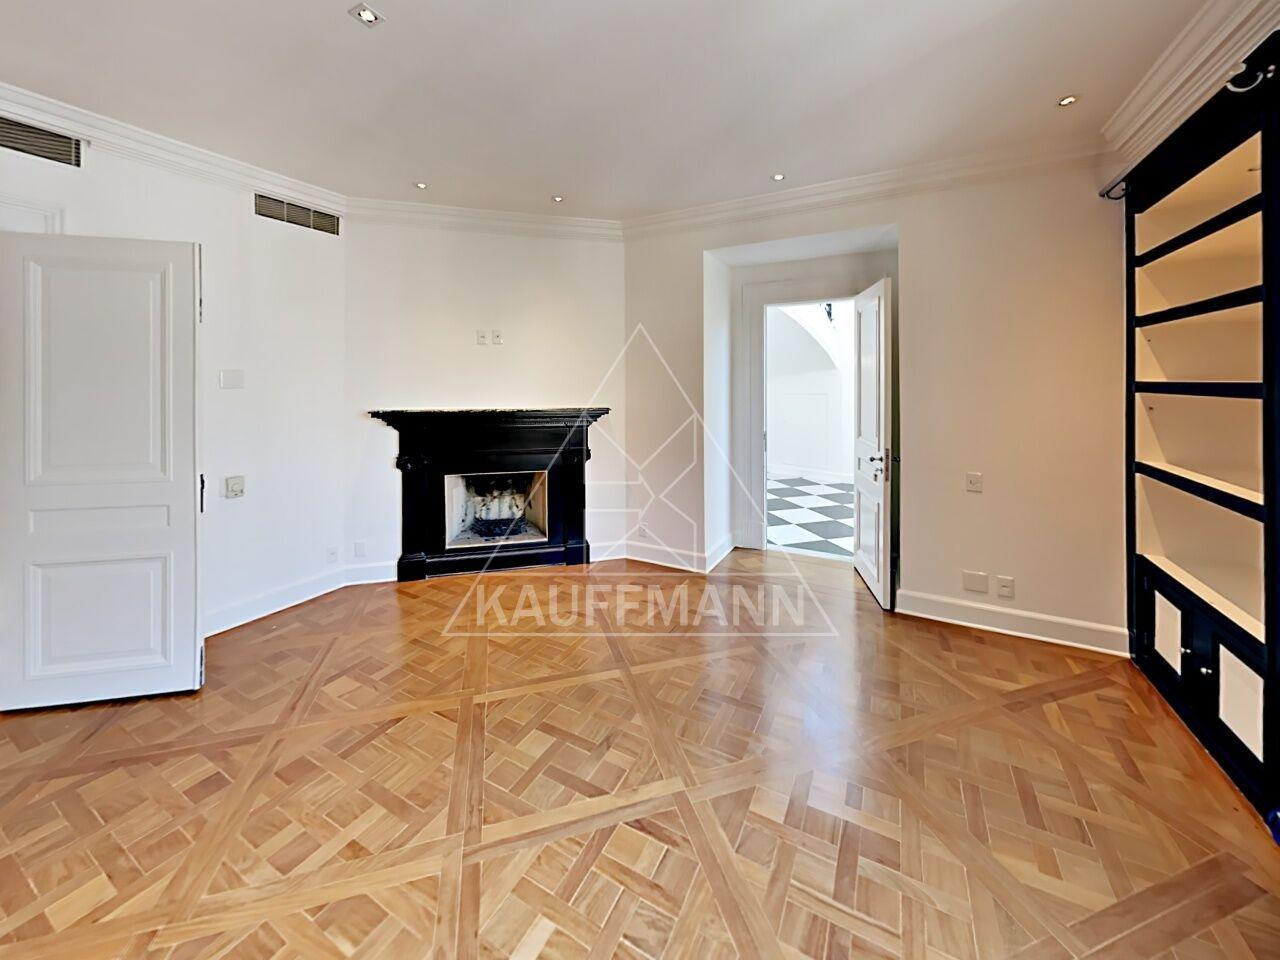 apartamento-venda-sao-paulo-jardim-america-regency-6dormitorios-6suites-7vagas-1099m2-Foto29